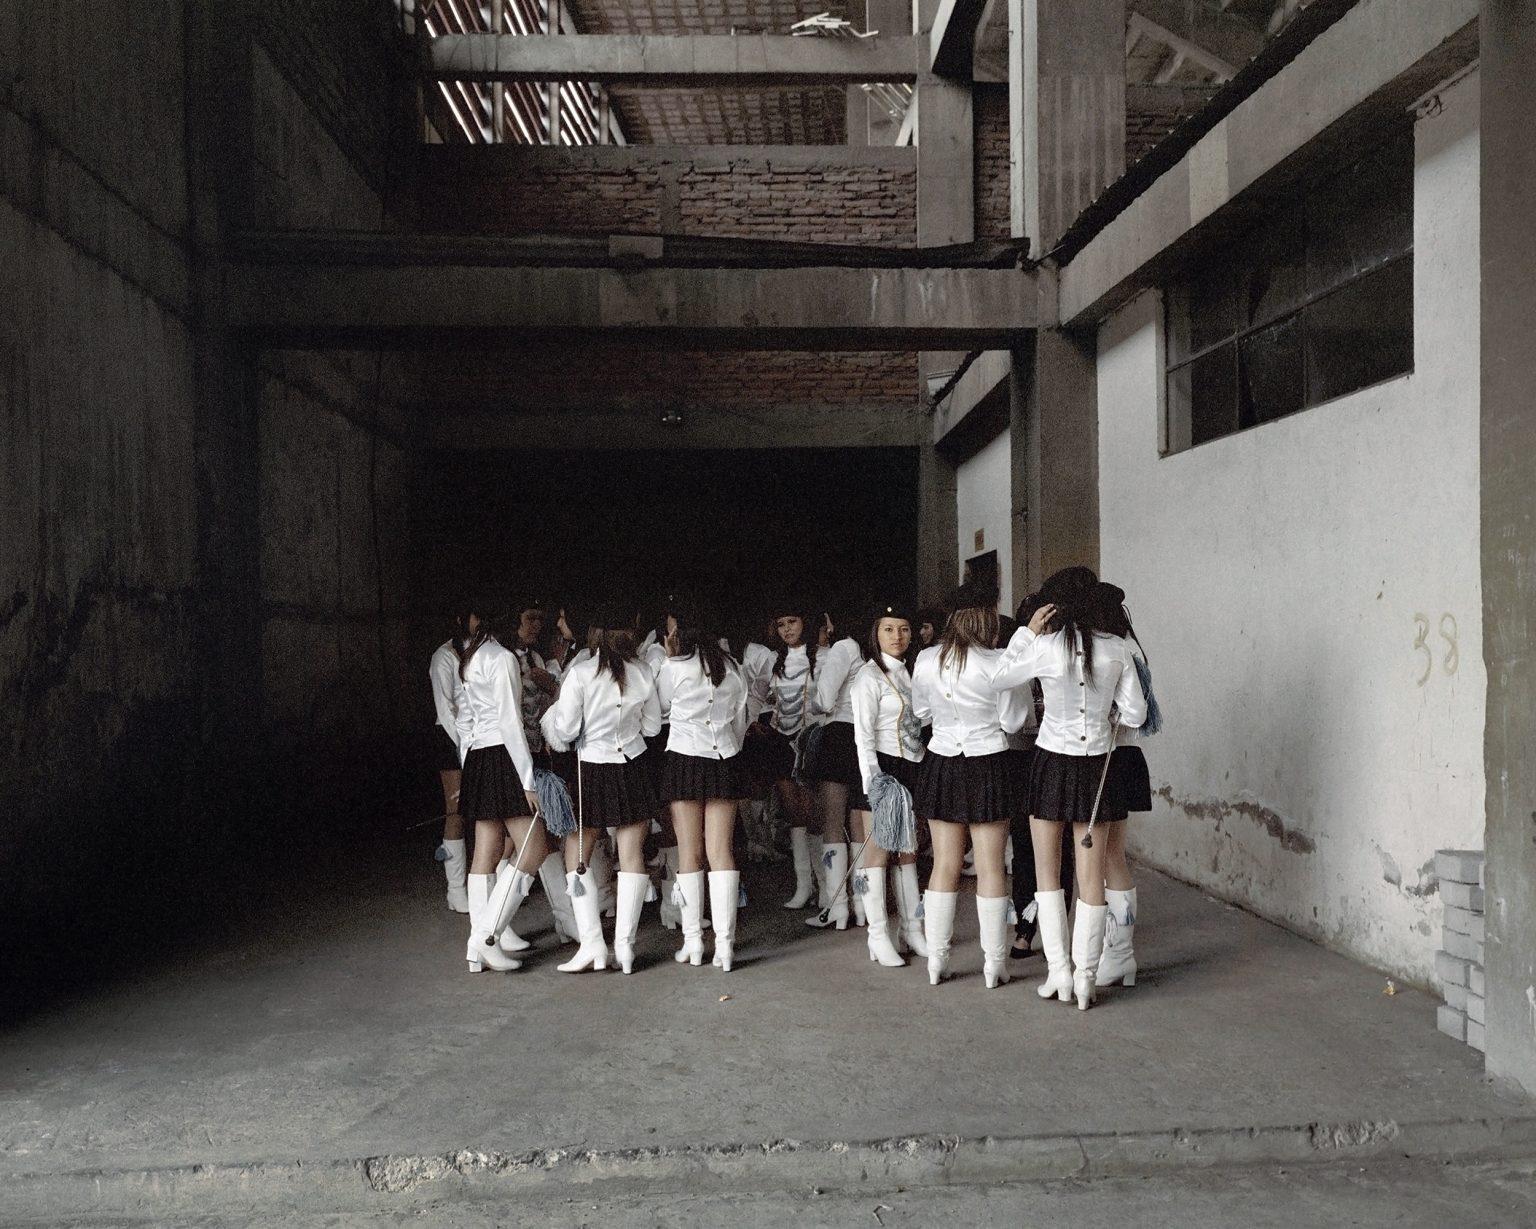 Un gruppo di cheerleader si prepara per la loro performance in uno stadio della zona sud di Quito, durante il festival delle bande musicali studentesche. Dicembre 2011.  A group of cheerleaders getting ready for their performance in a stadium in the south of Quito, during a festival of  students music bands. December 2011.